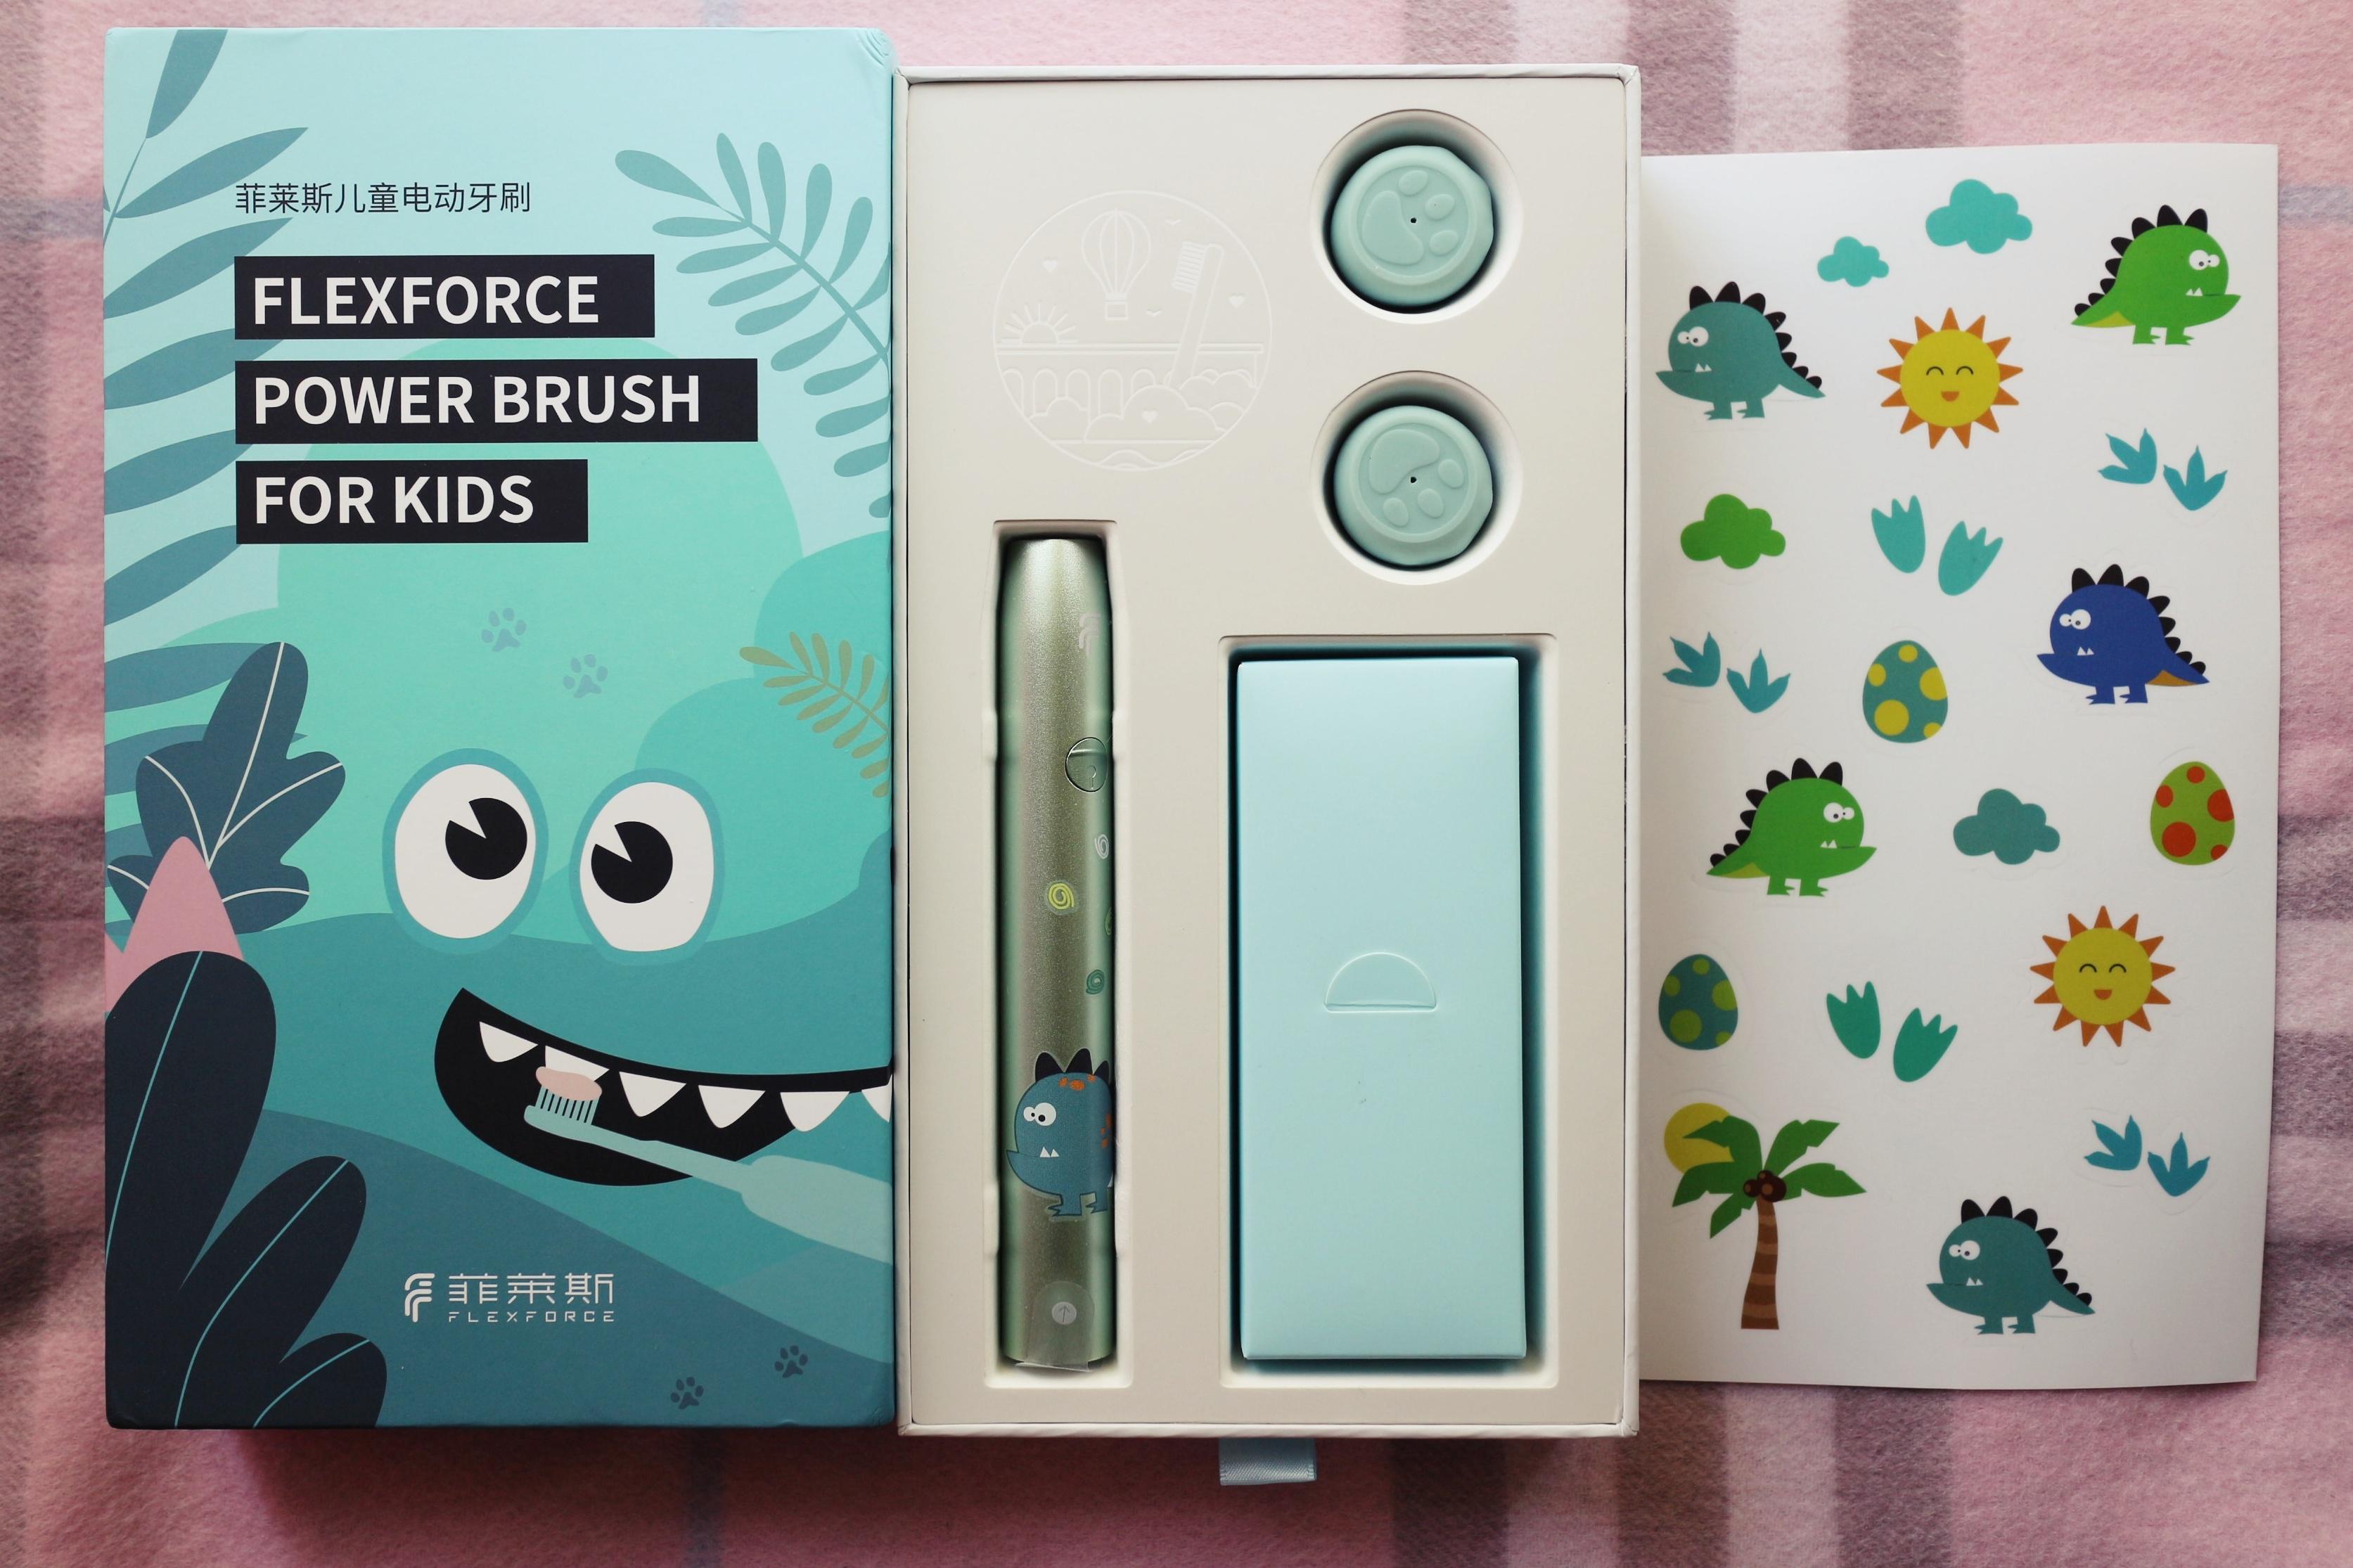 菲莱斯K1儿童电动牙刷入手体验